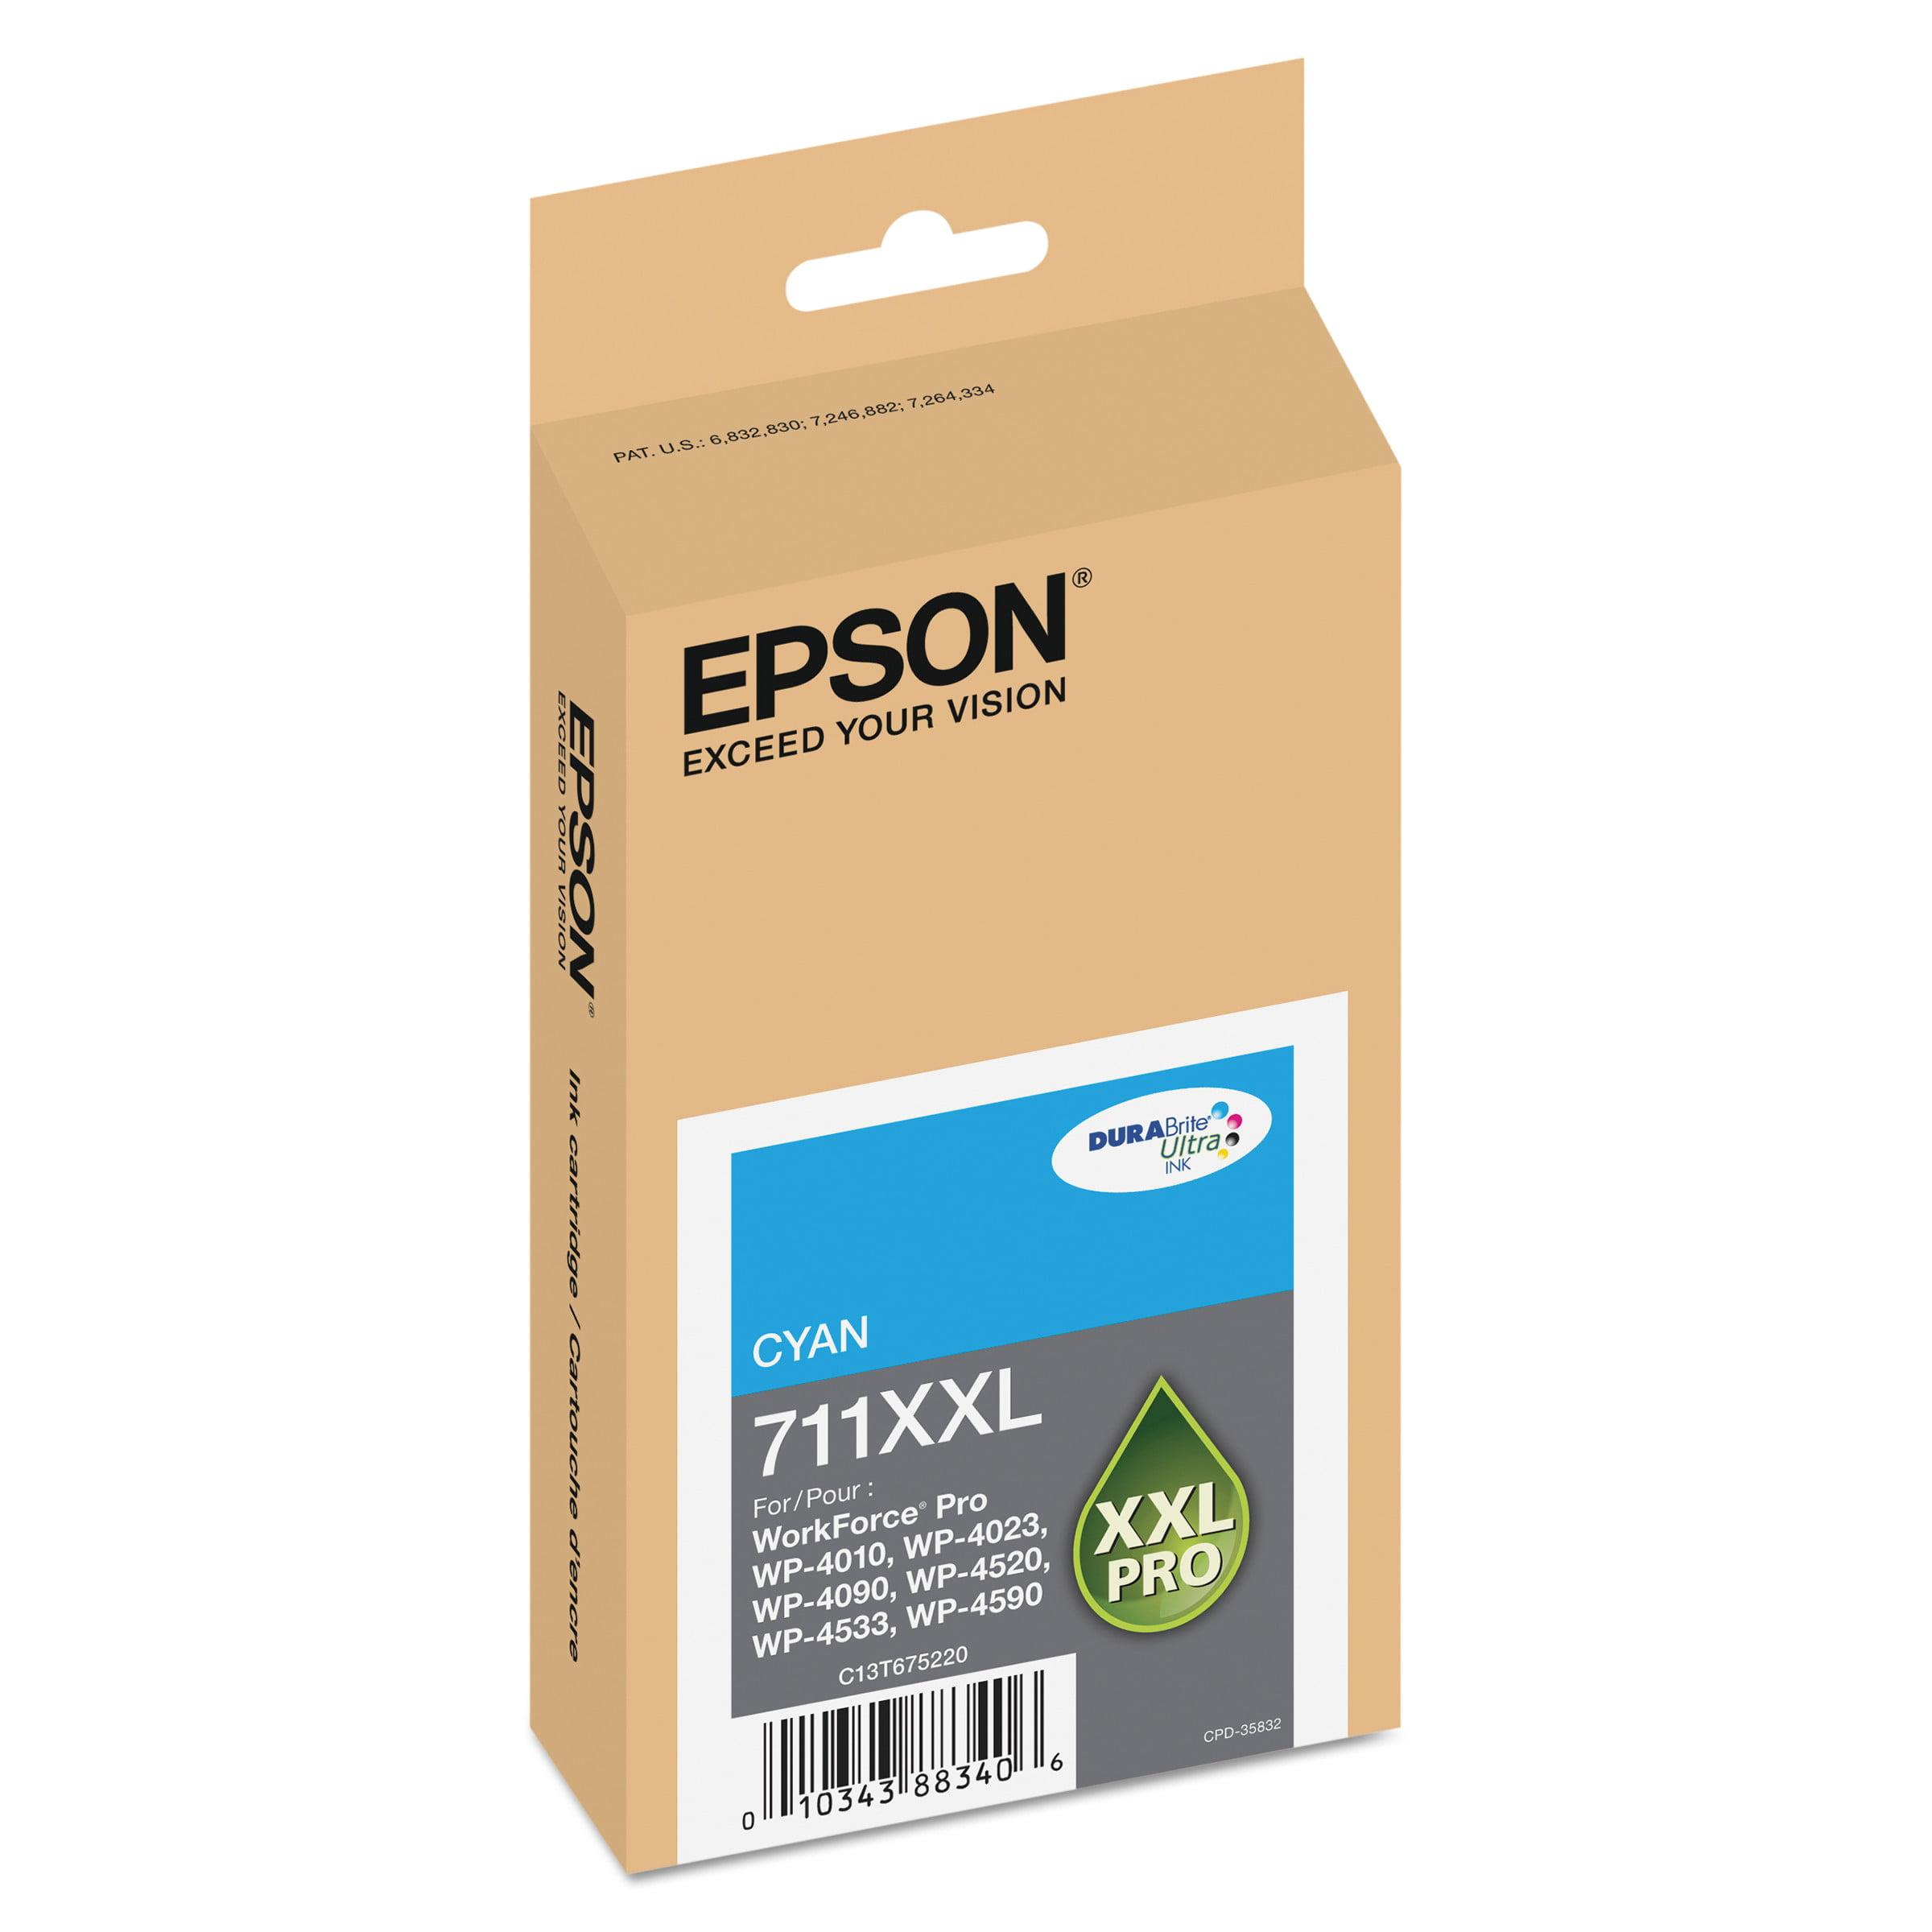 Epson T711XXL220 (711XL) DURABrite Ultra High-Yield Ink, Cyan by Epson